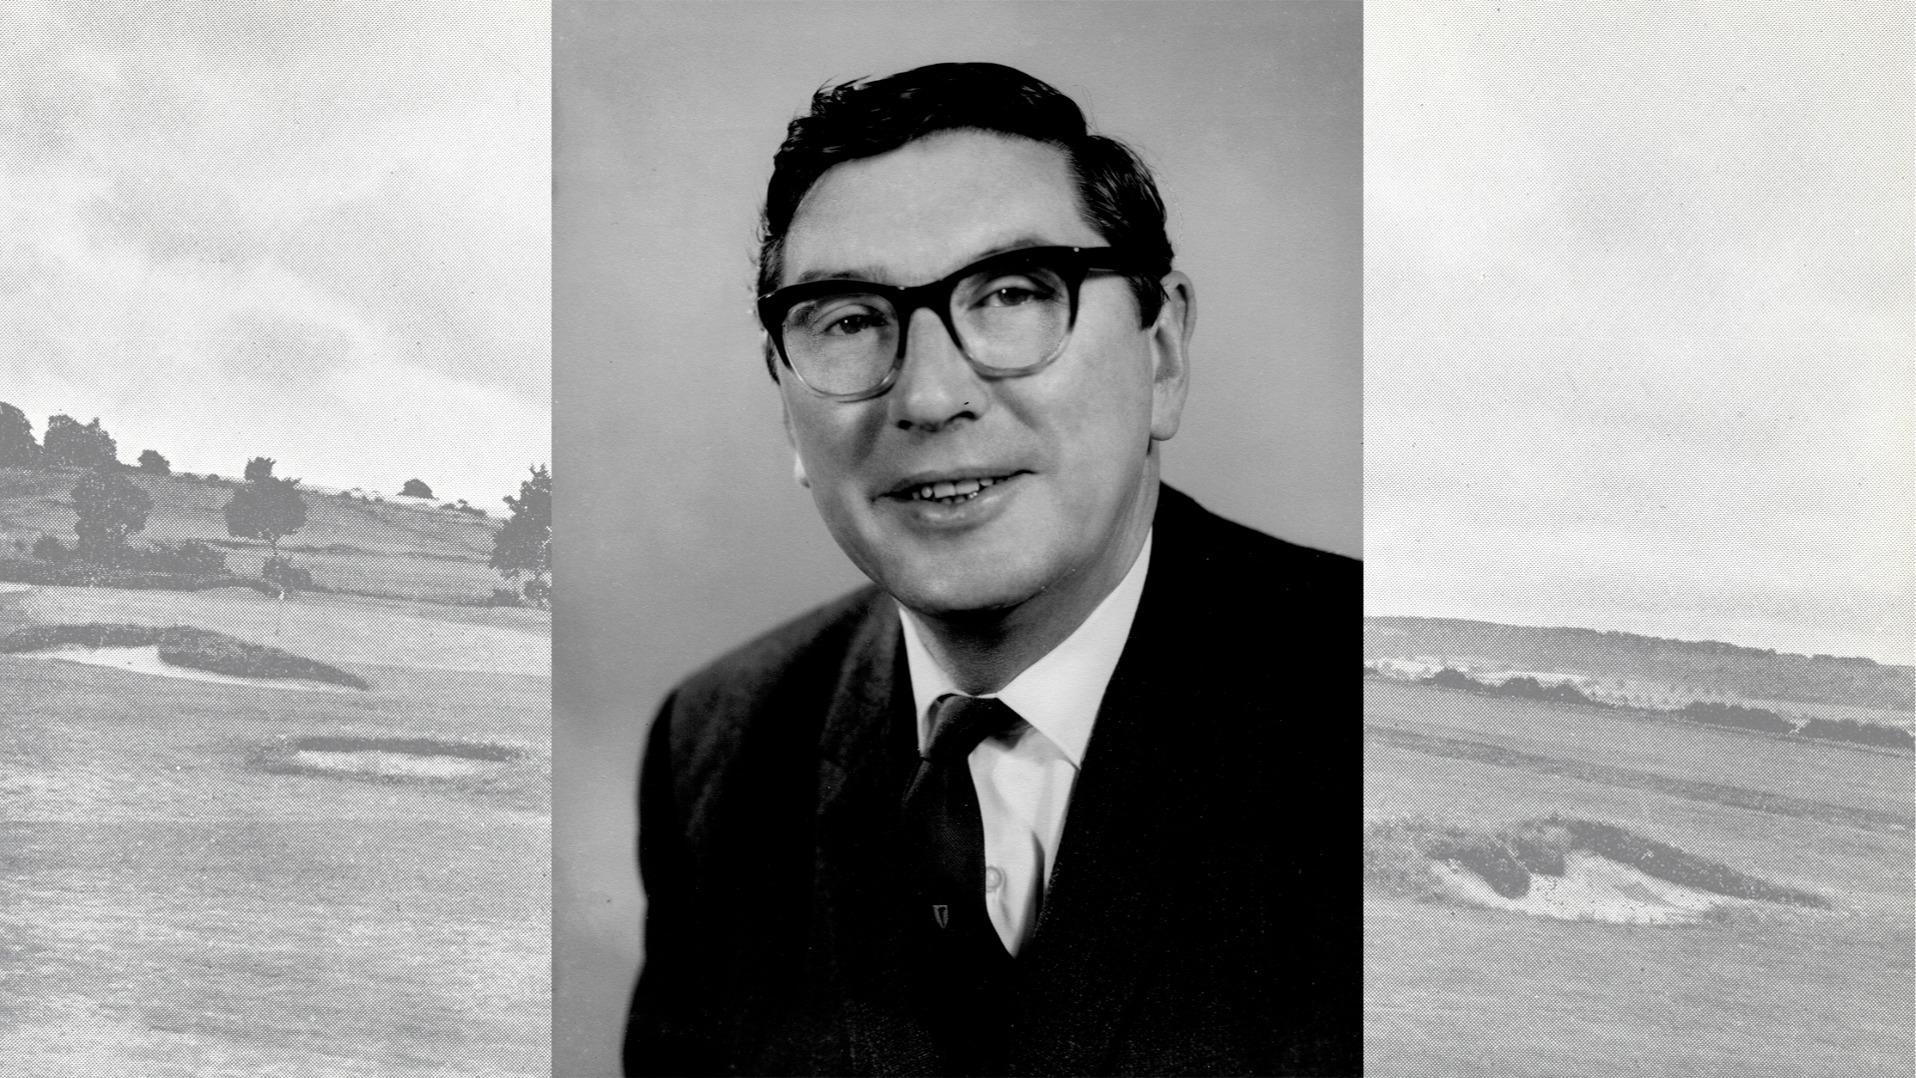 1972 - A R Terry